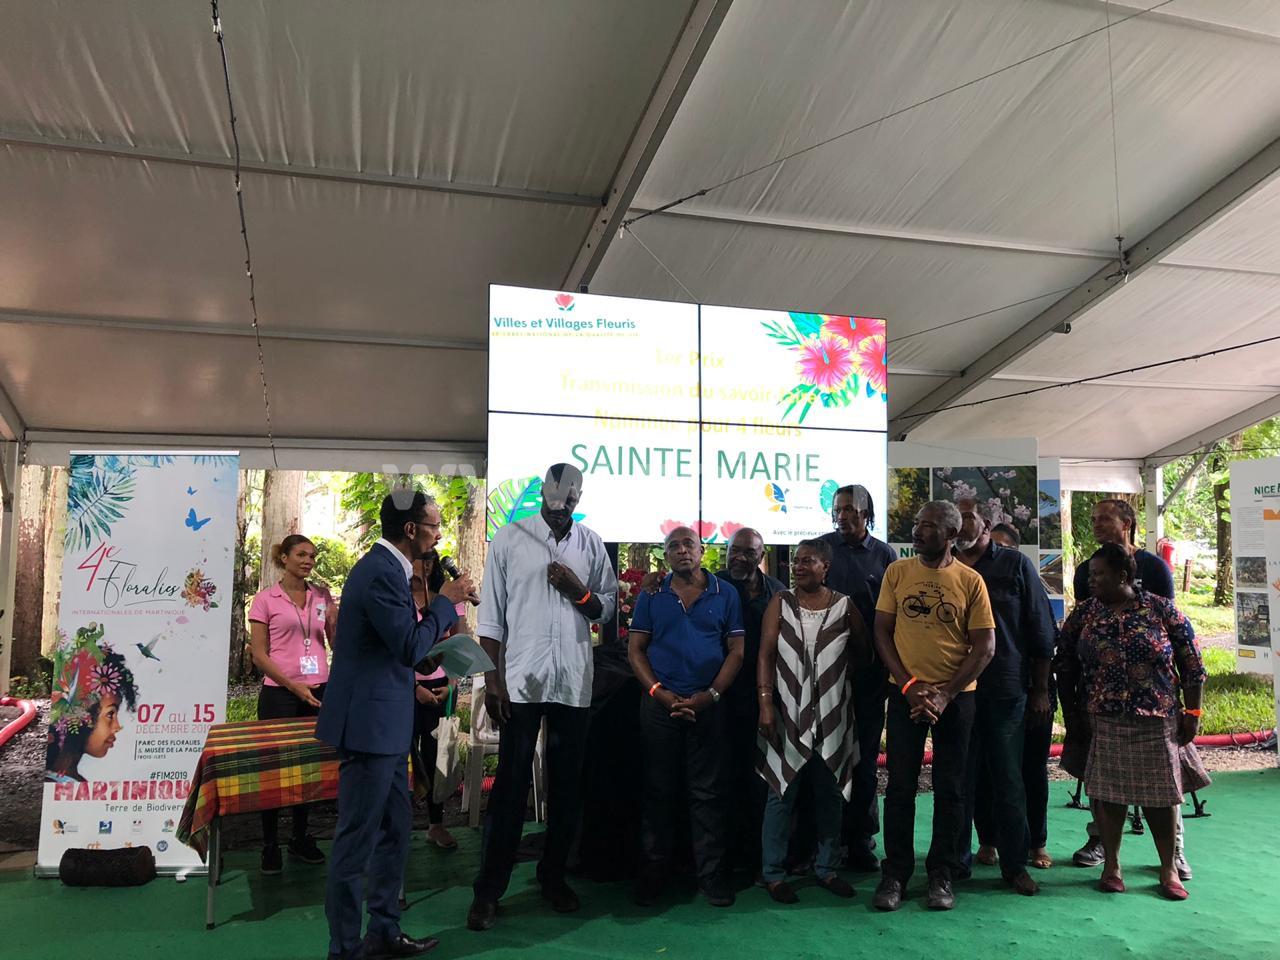 Sainte-Marie élue pour la 3e année consécutive ville la plus fleurie de Martinique